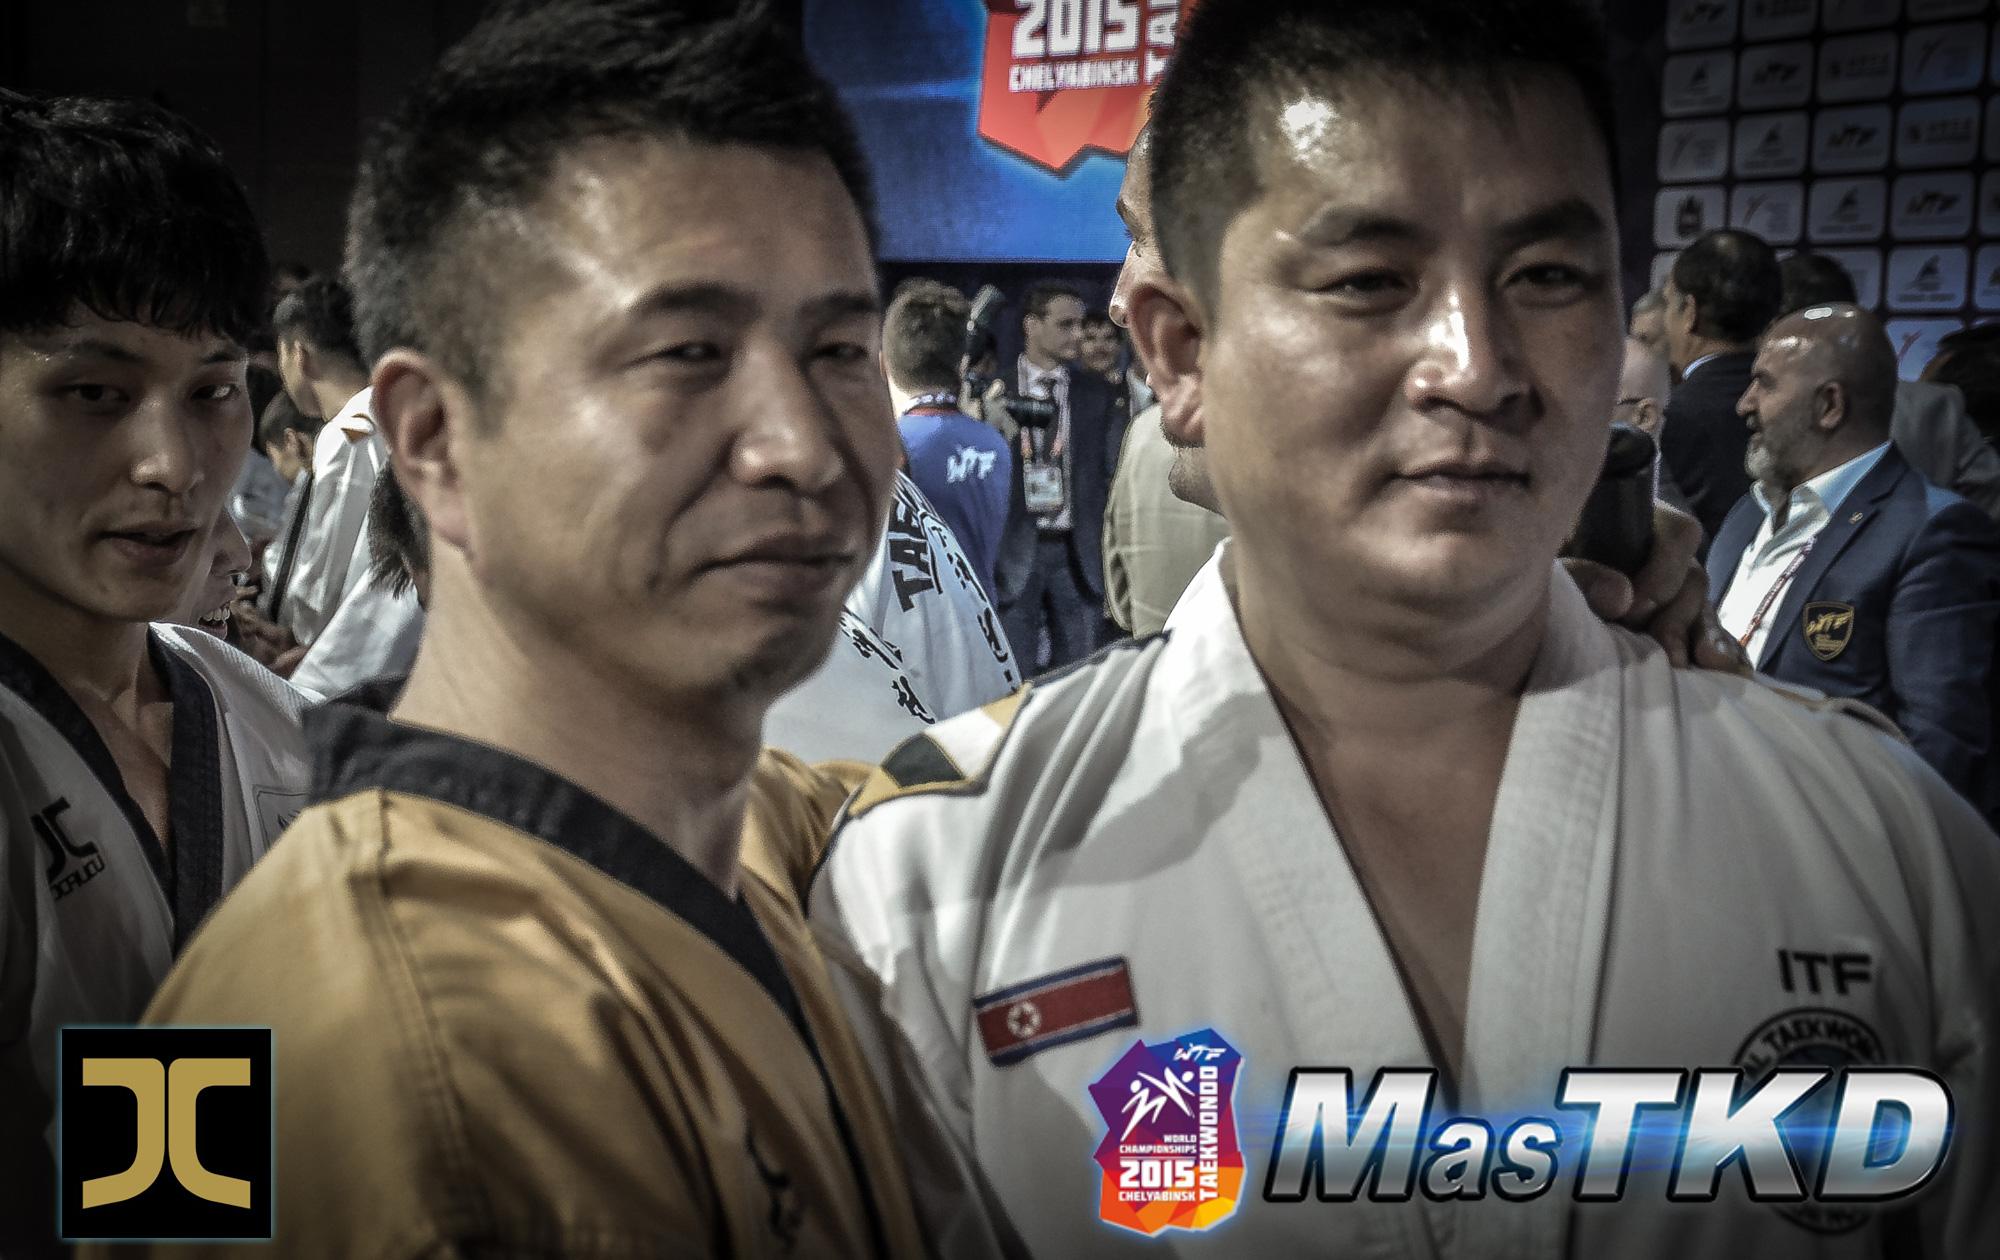 13_20150512_Taekwondo-Mundial_JC-Seleccion_D1